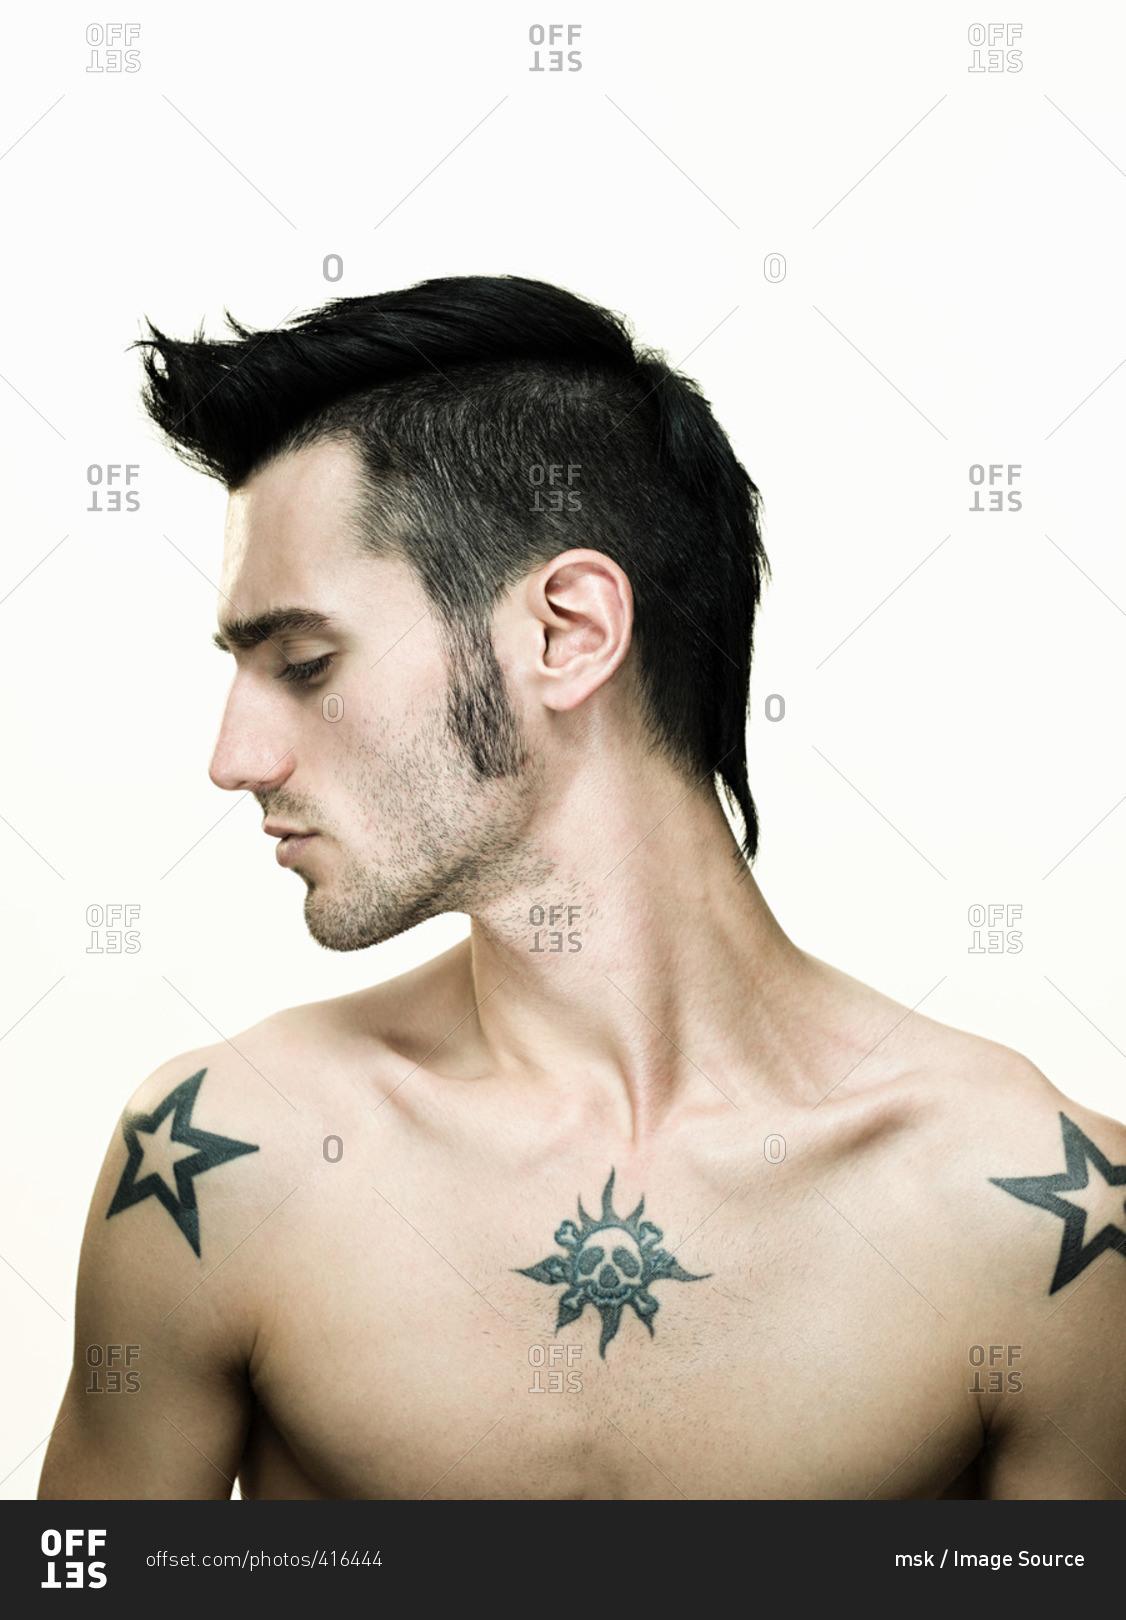 Звезда на плечах тату значение тюремные